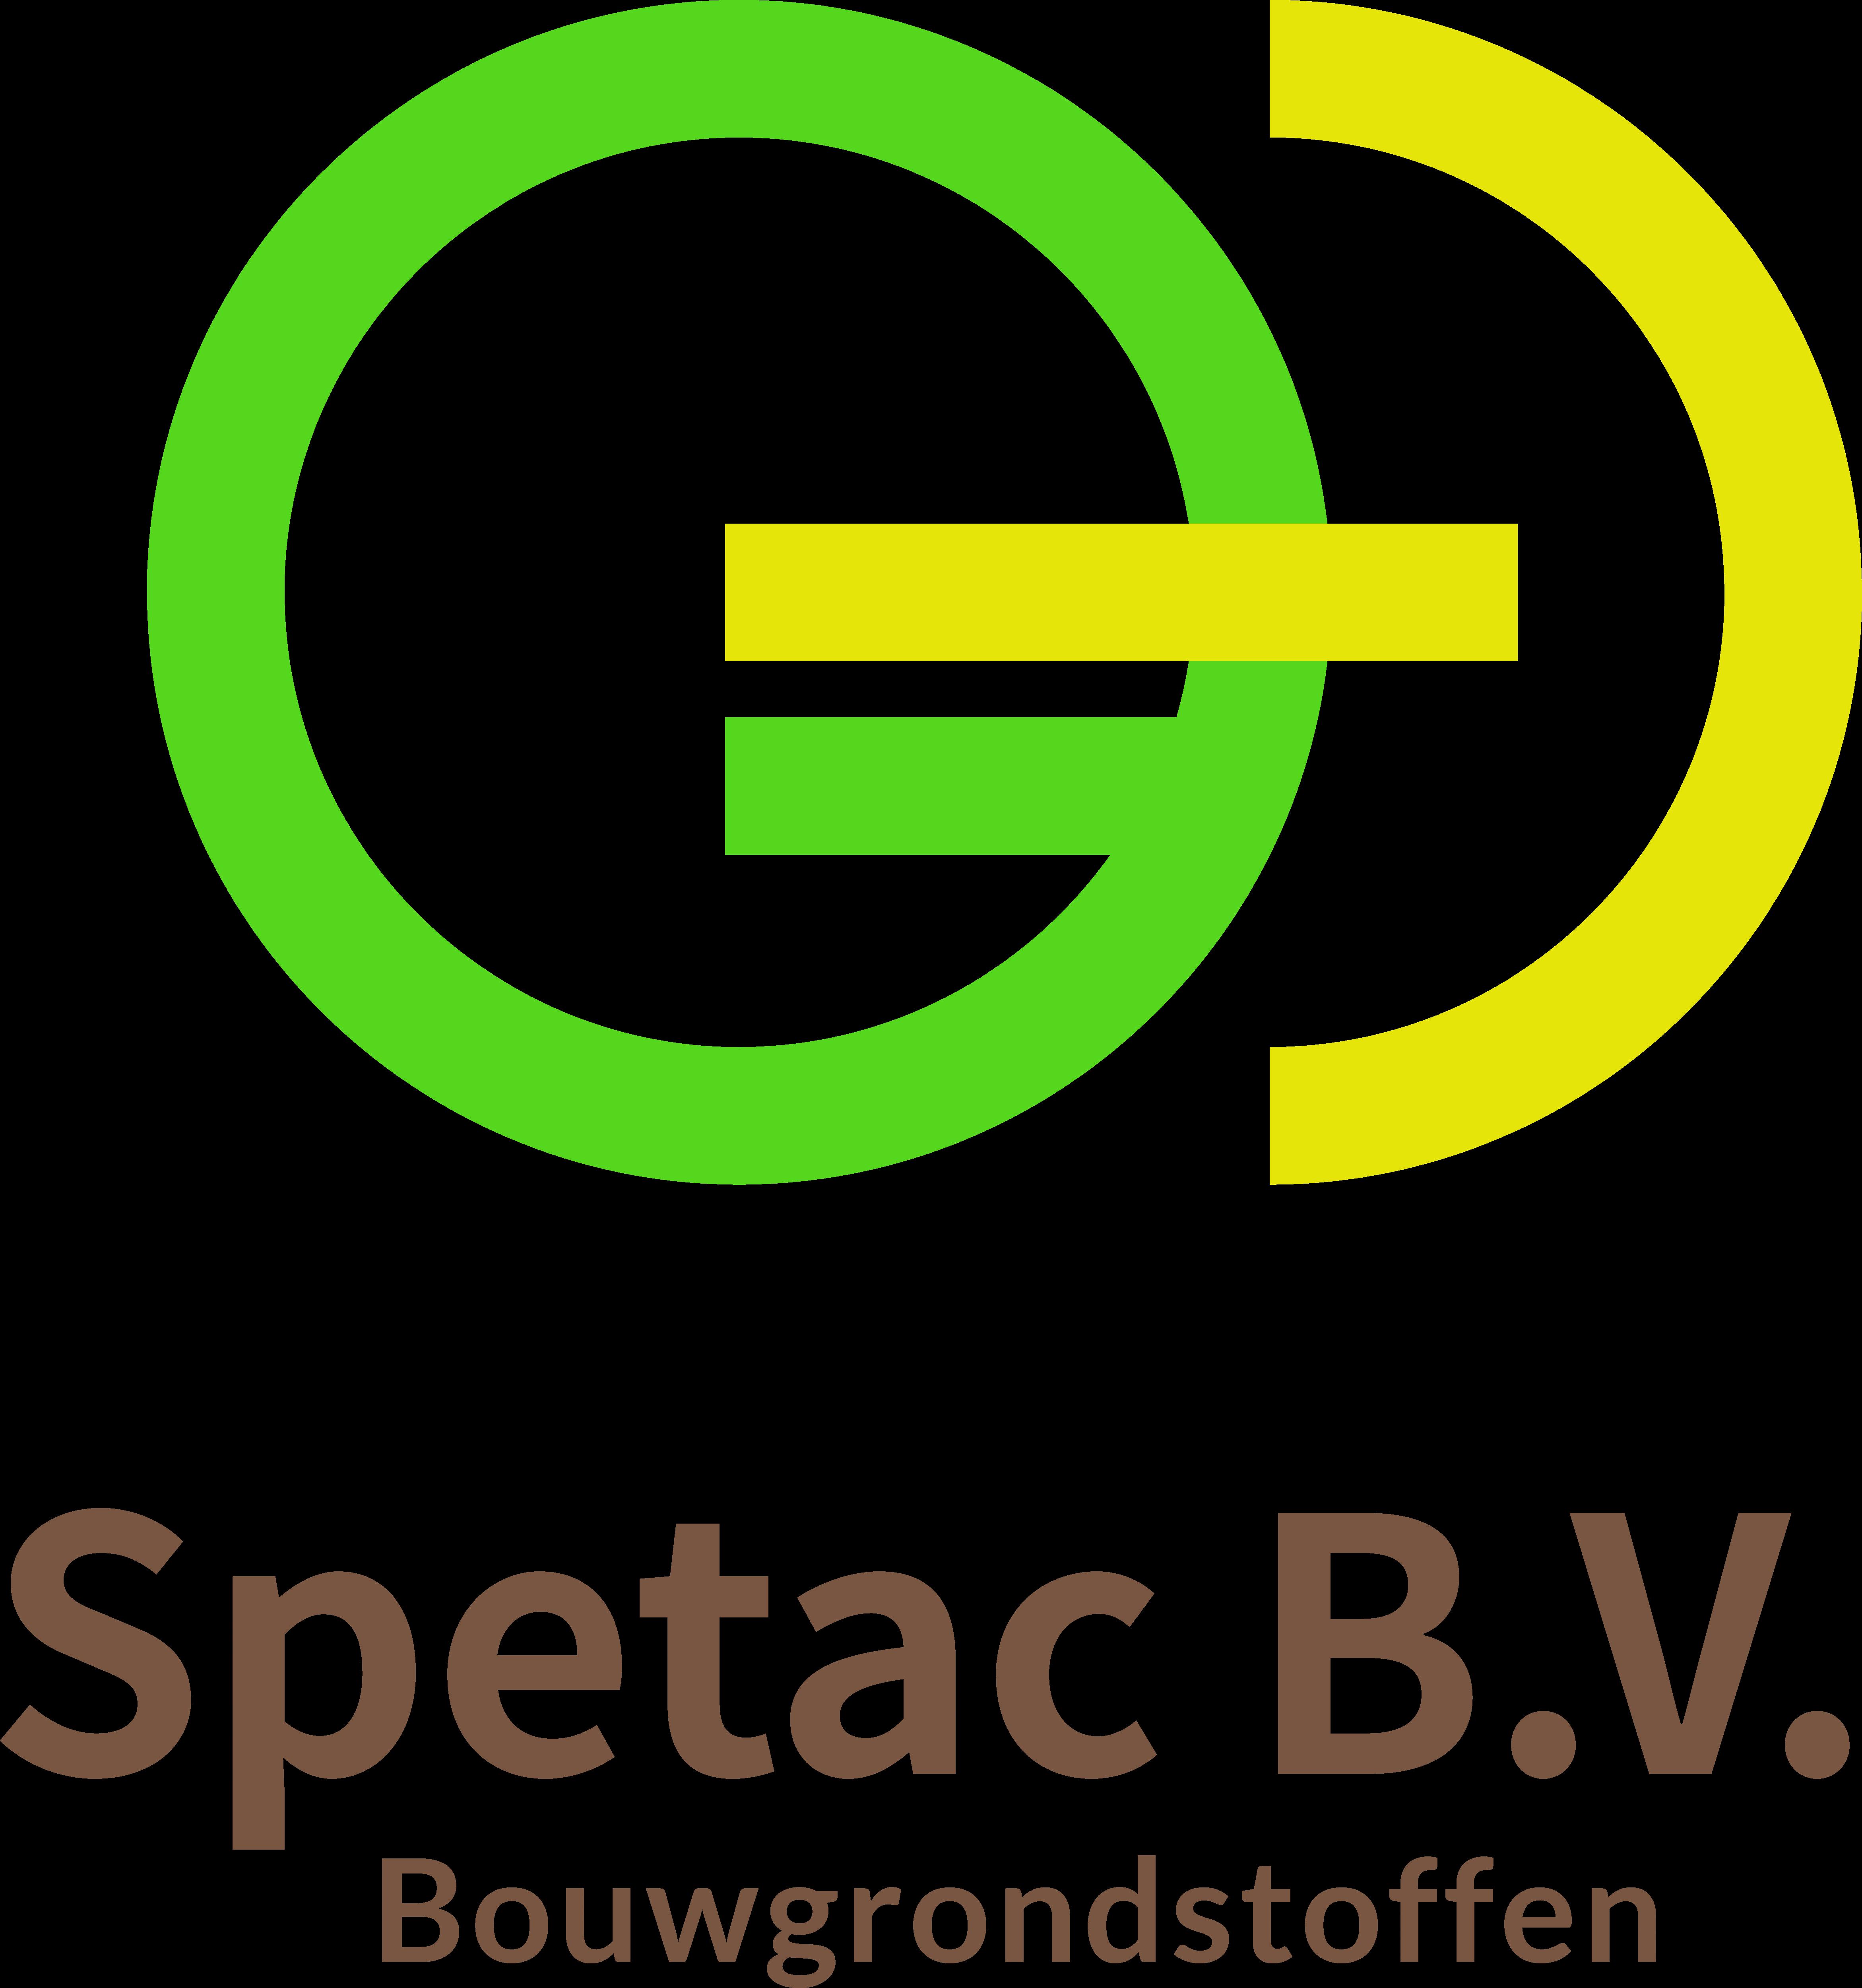 Spetac - En nog een WordPress site